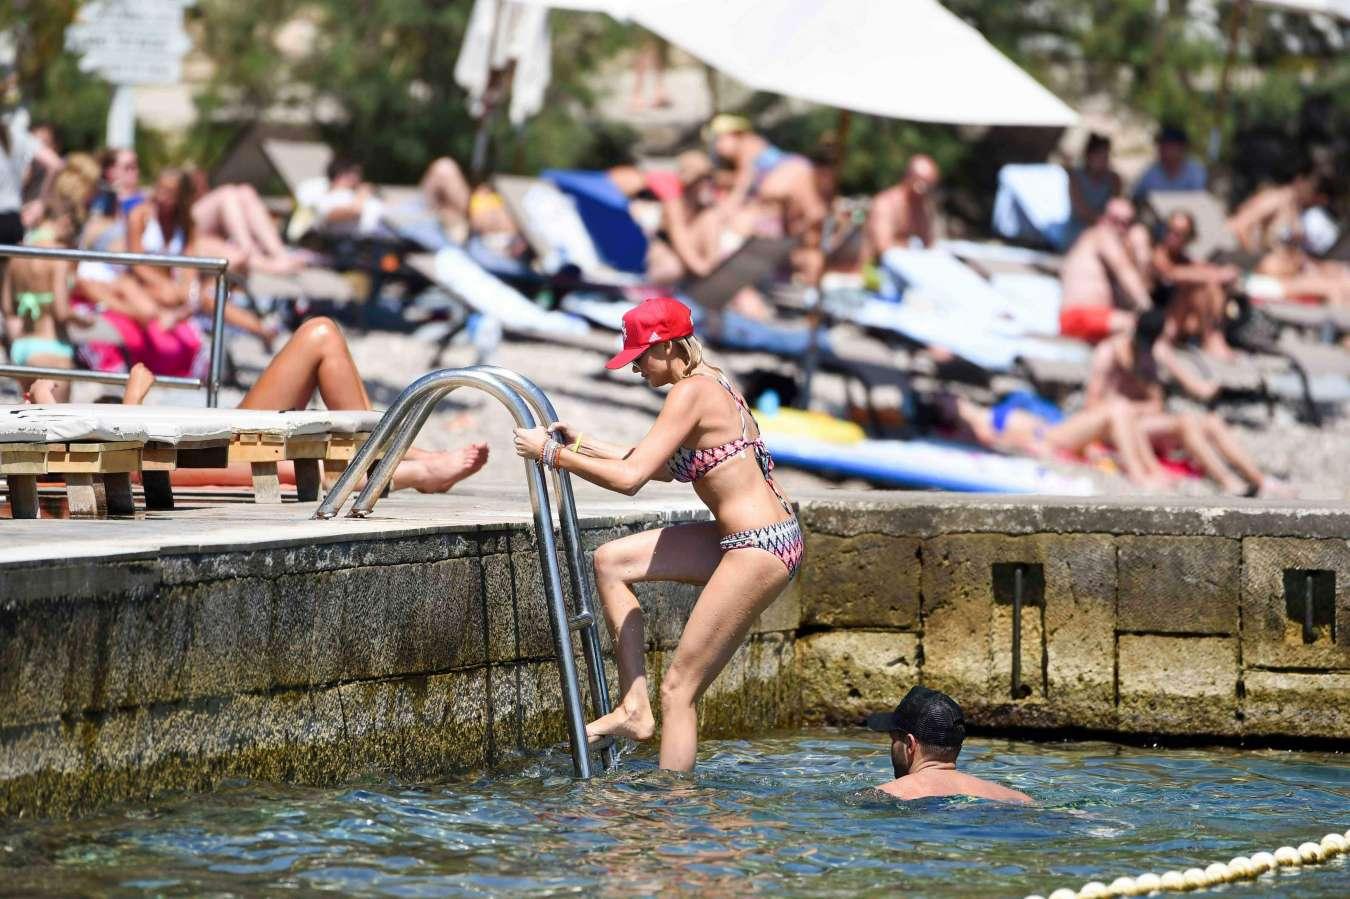 Stephanie Pratt 2017 : Stephanie Pratt: Bikini on holiday in Croatia -12